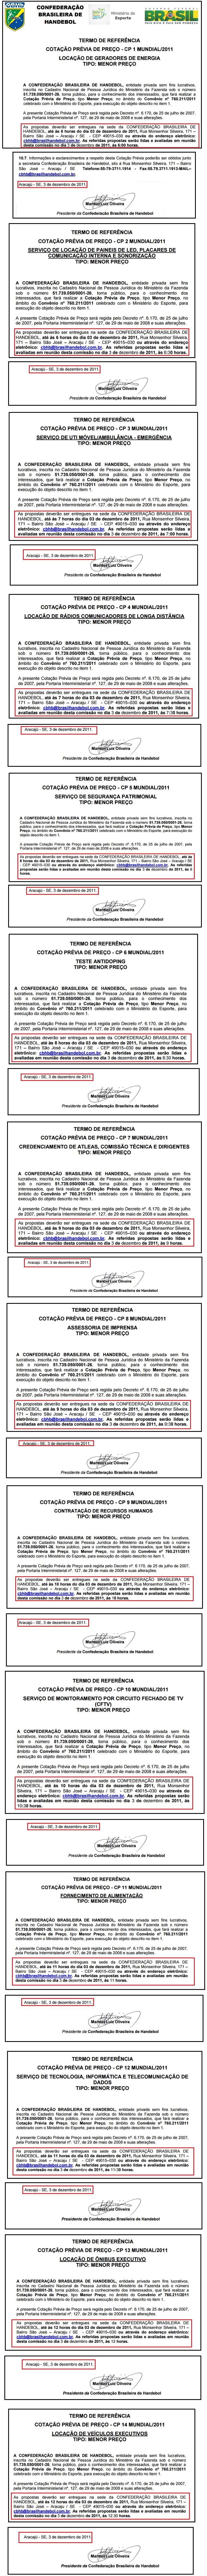 Todos 14 termos de referências para cotação de preços também são de 3/12/2011